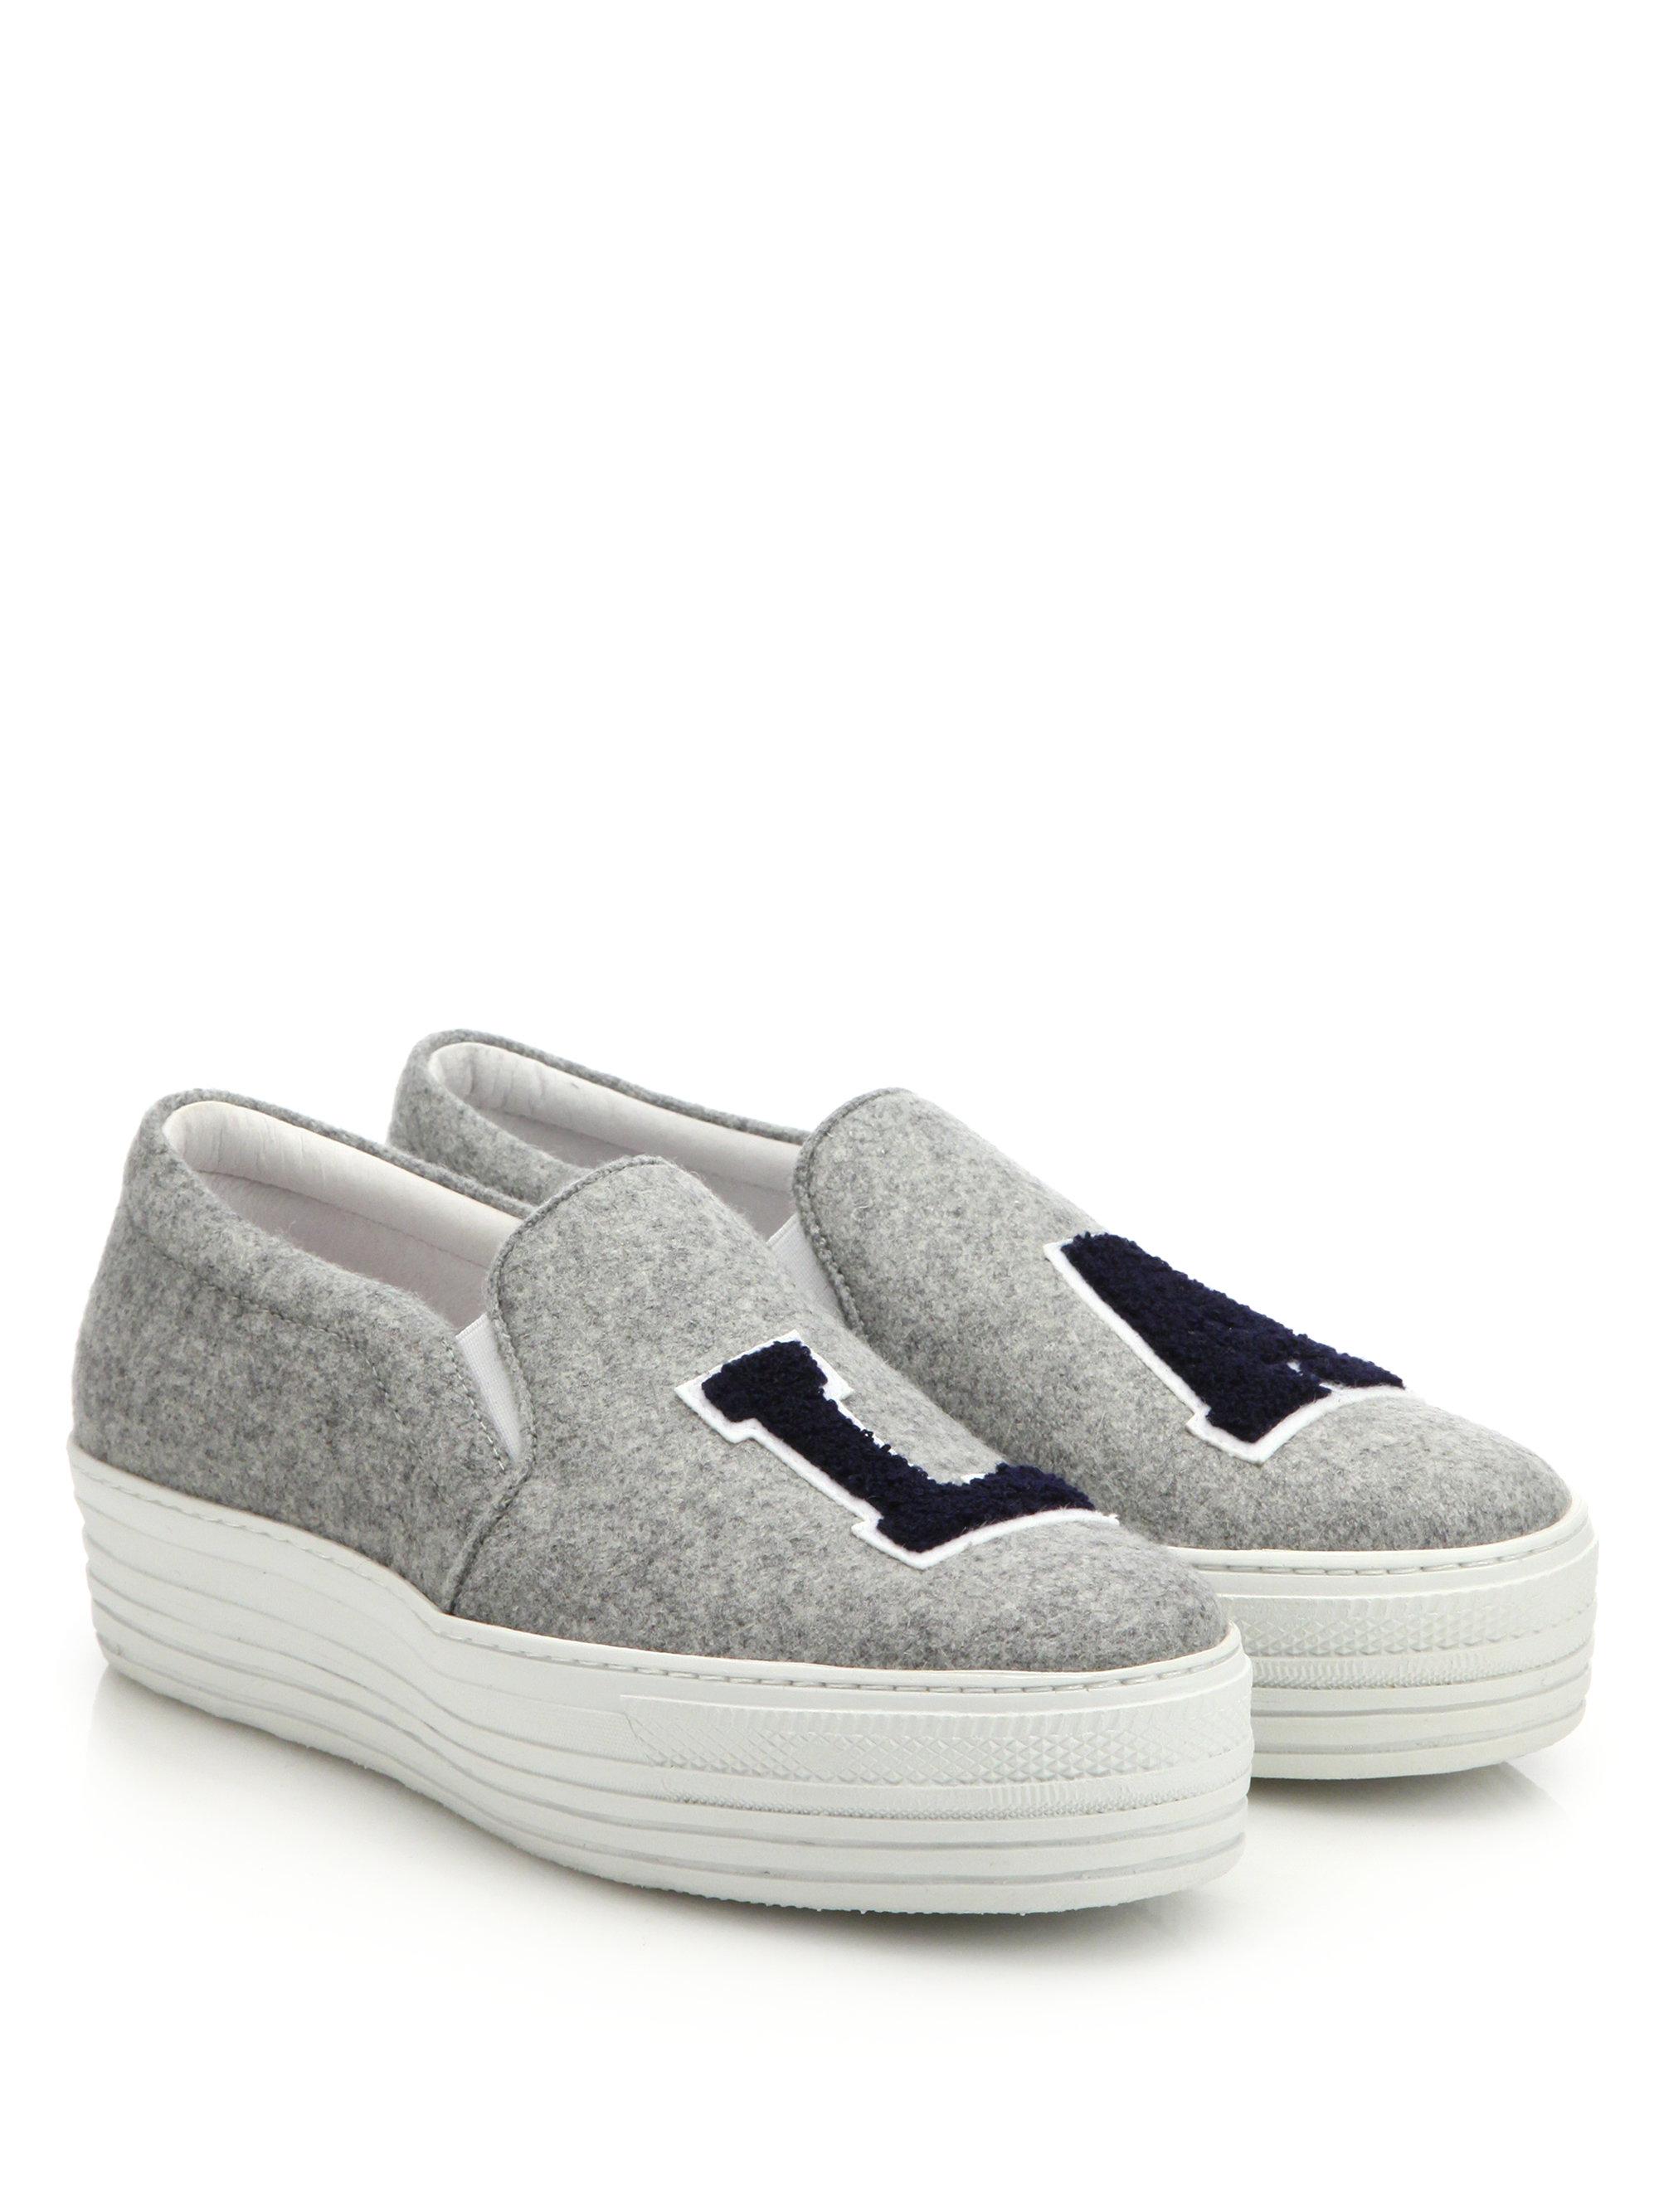 Grey Felt NY Platform Slip-On Sneakers Joshua Sanders Ws8qR9bsCg